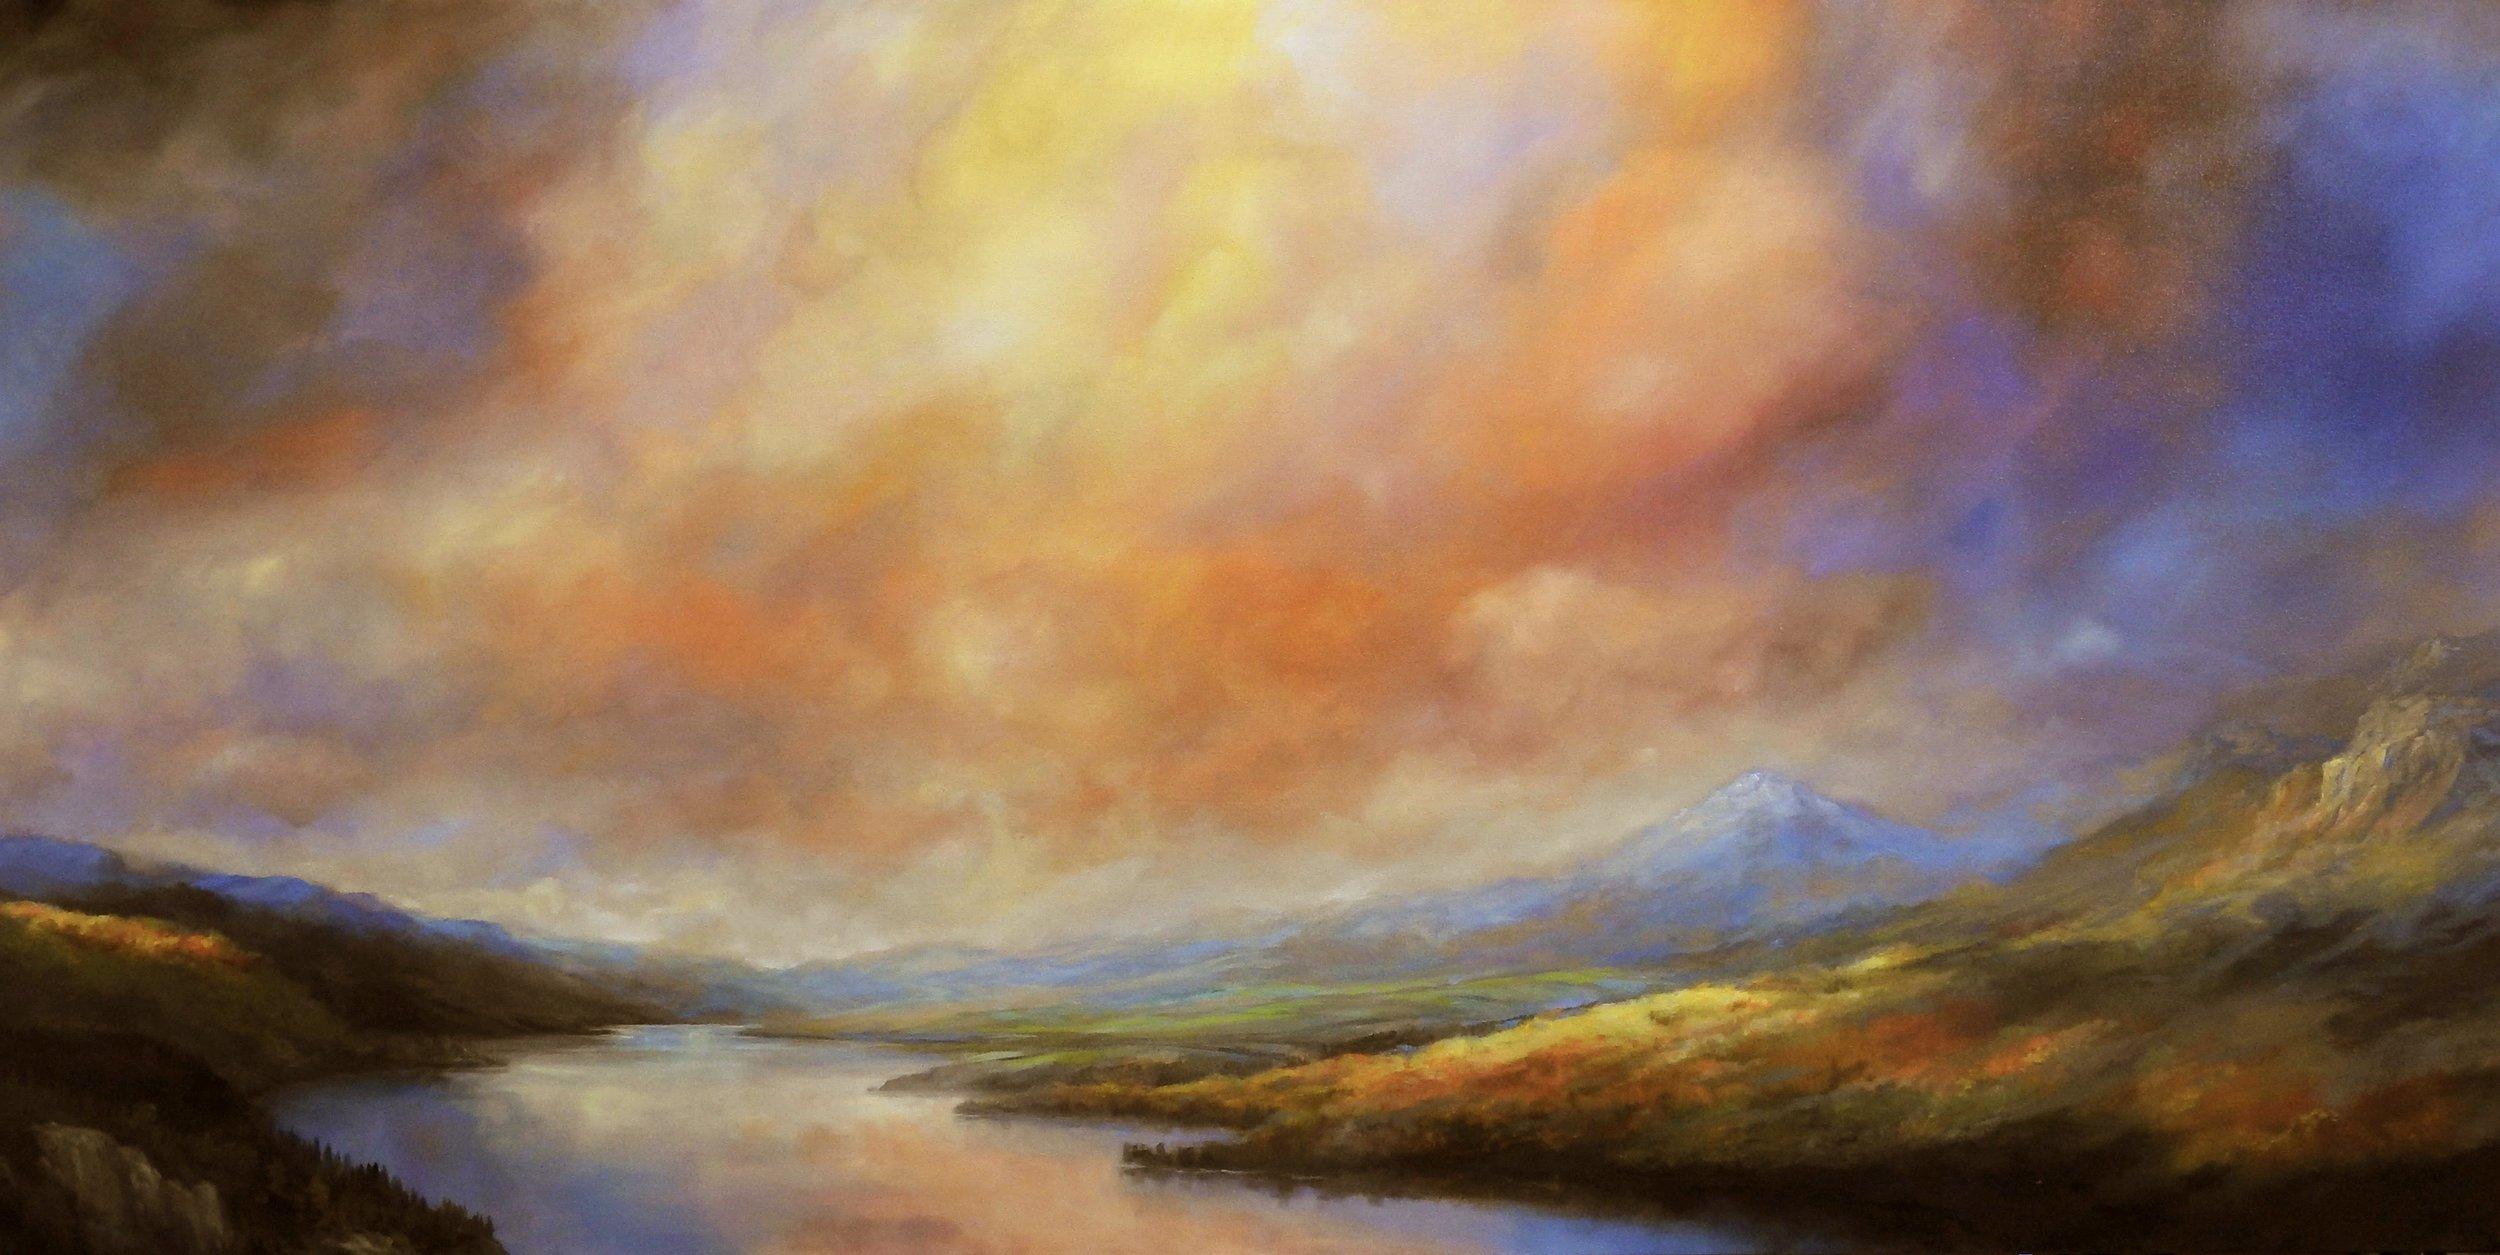 JWhite_Silence on the Wind_ oil on canvas 36x72_$7000.jpg